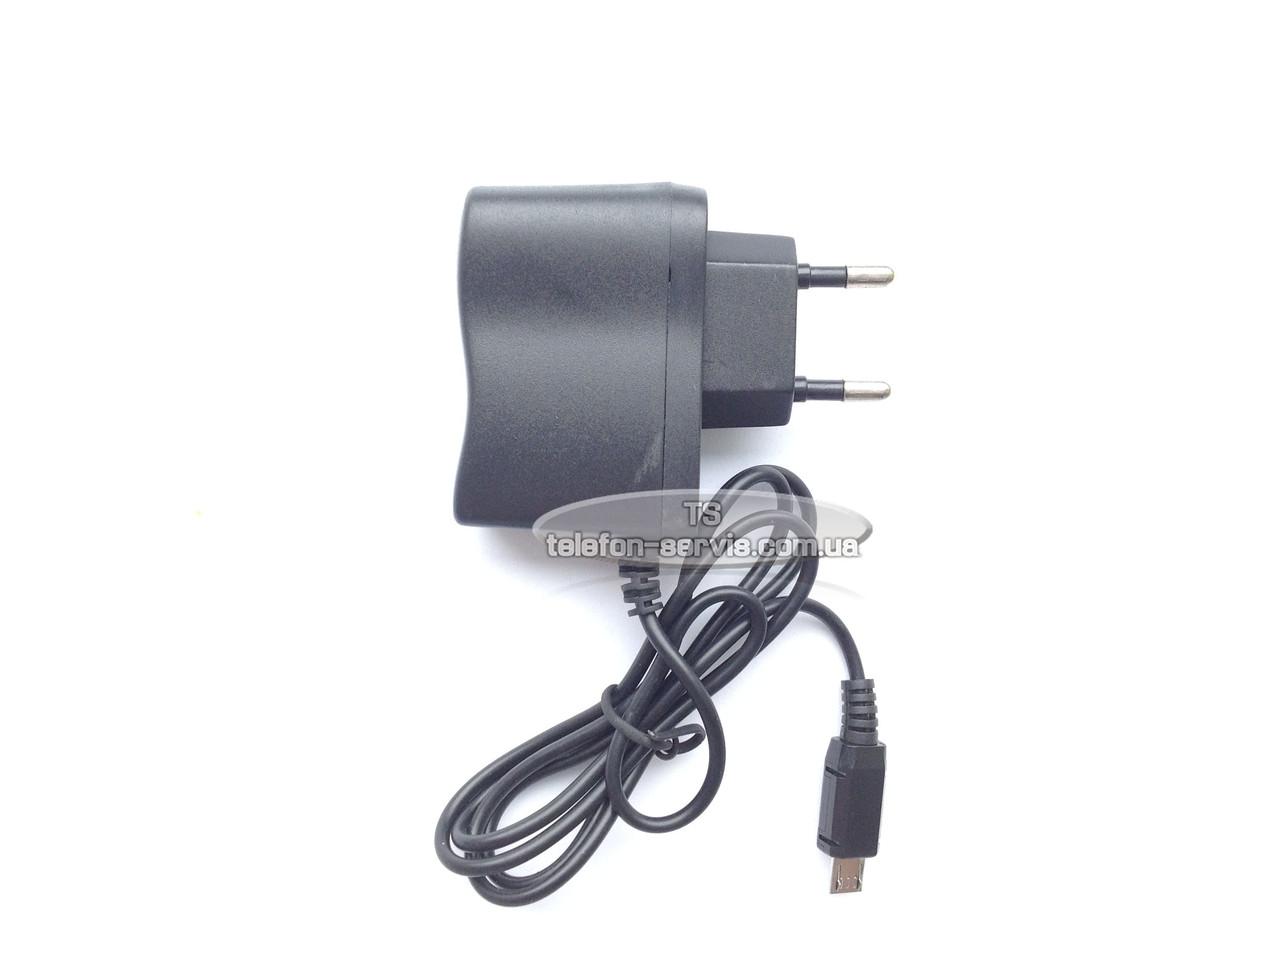 Мережевий зарядний пристрій Nokia samsung s5610 c3322 c3300 fly mikro коннектор